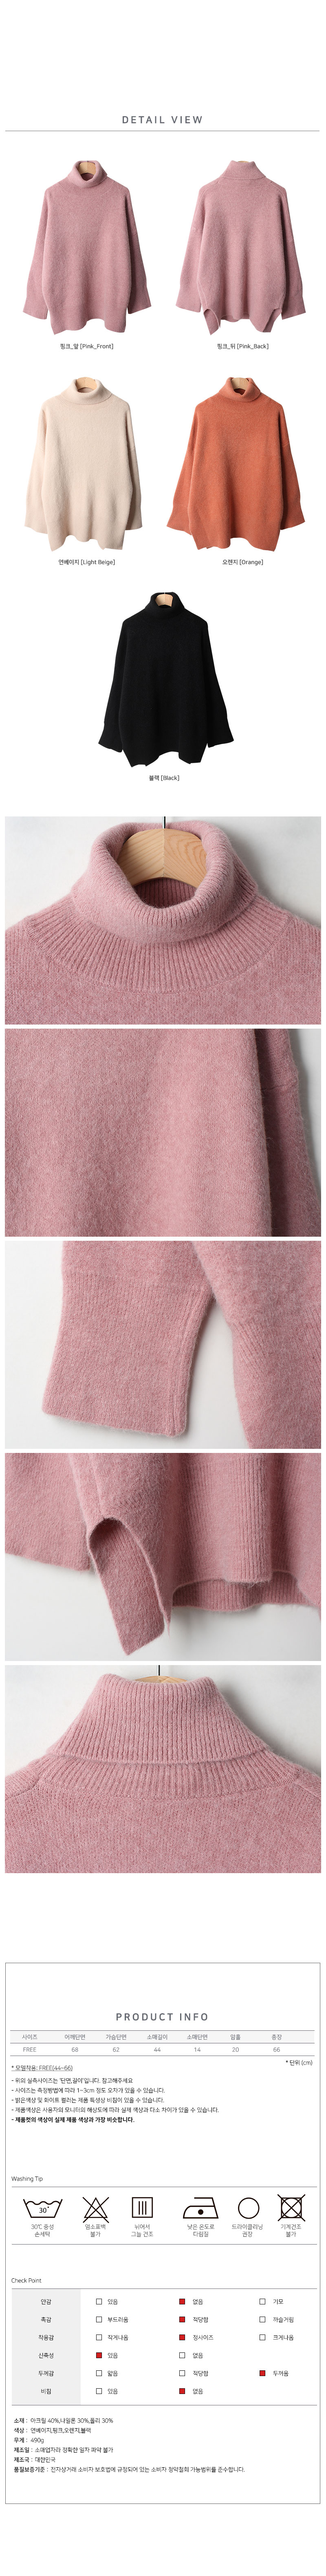 Rosko Neck Polar Knit